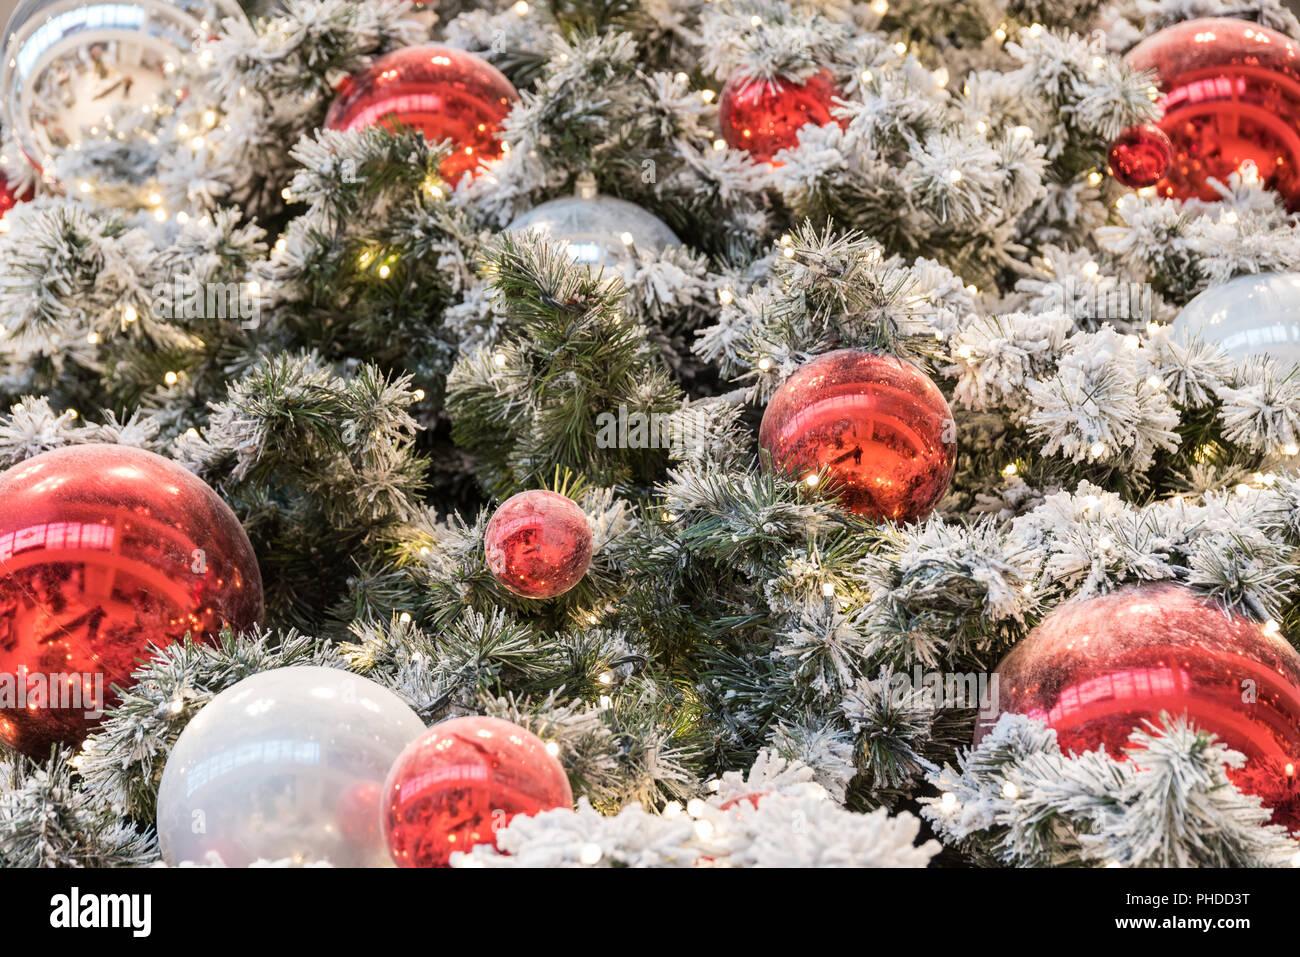 Arbre de Noël rouge et blanc avec des boules de branches de sapins ...